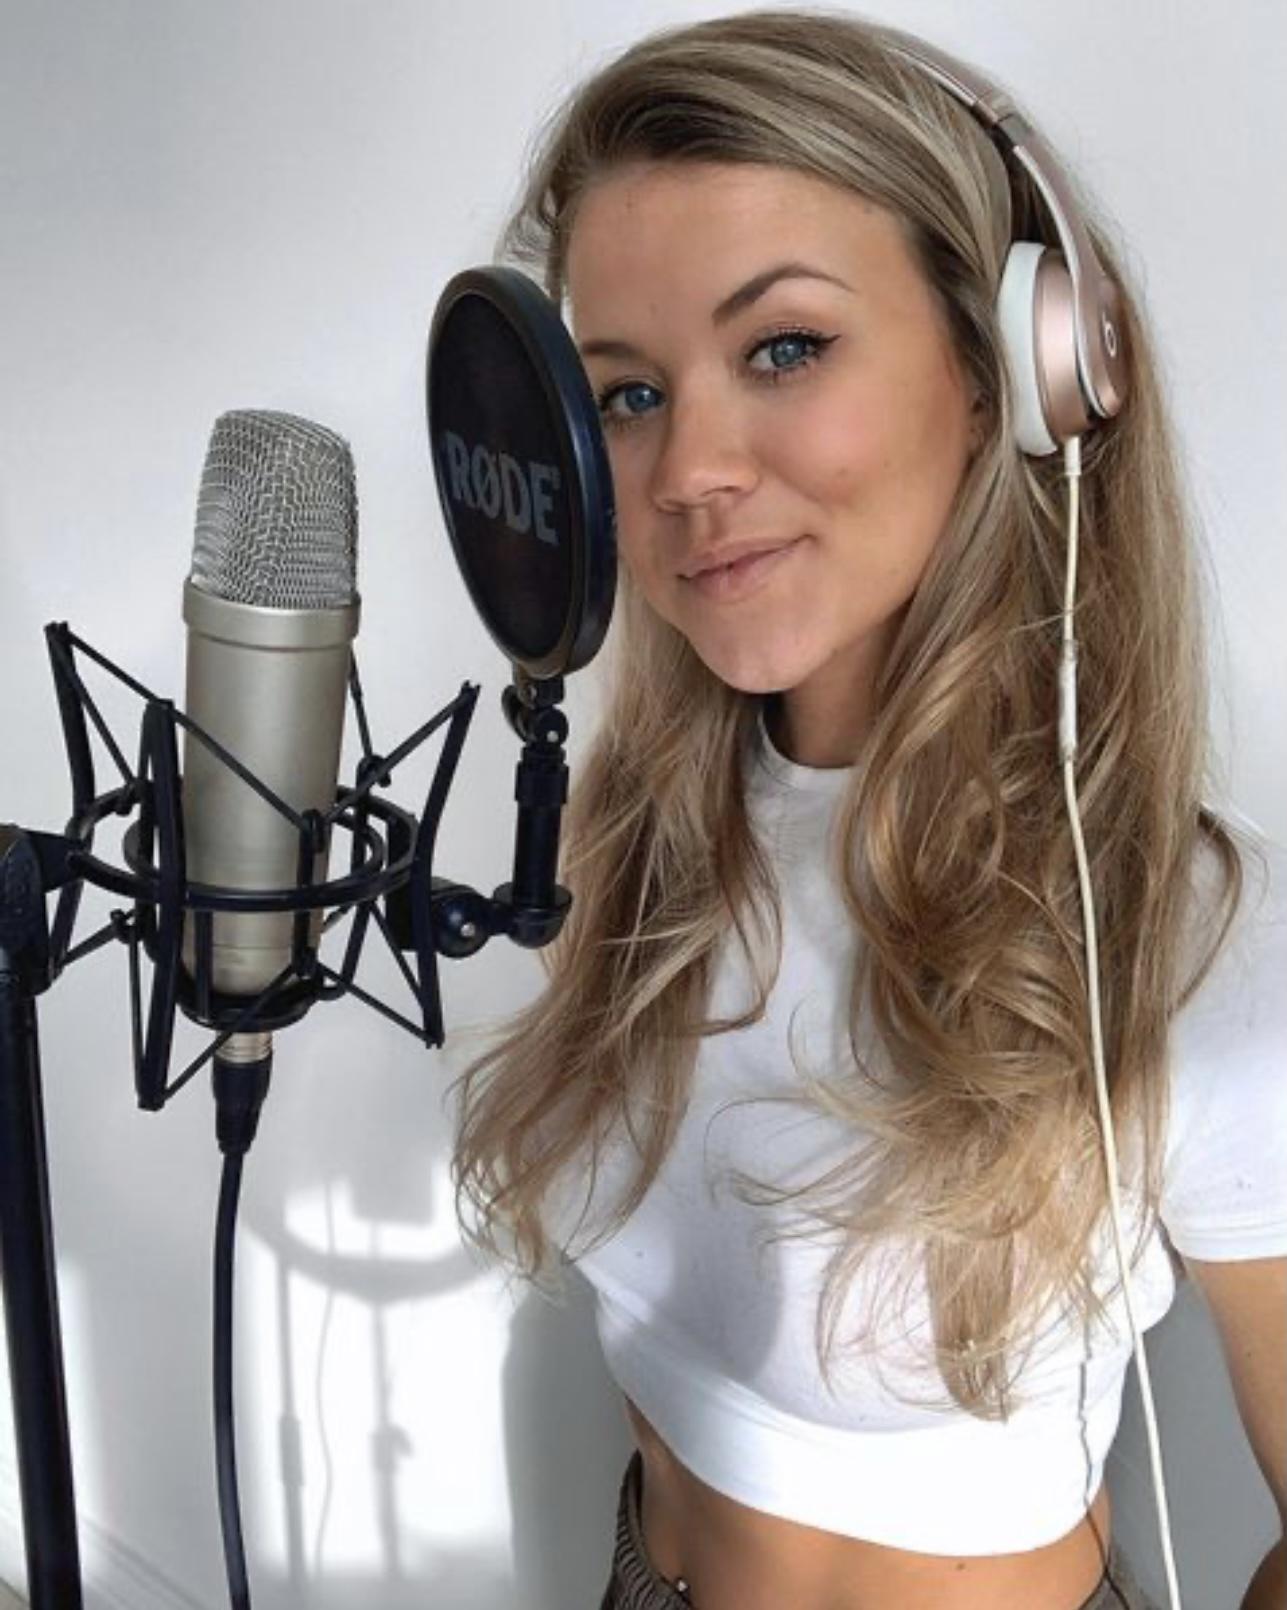 Холли Ширер — британская  певица и младшая дочь легенды «Ньюкасла» Алана Ширера